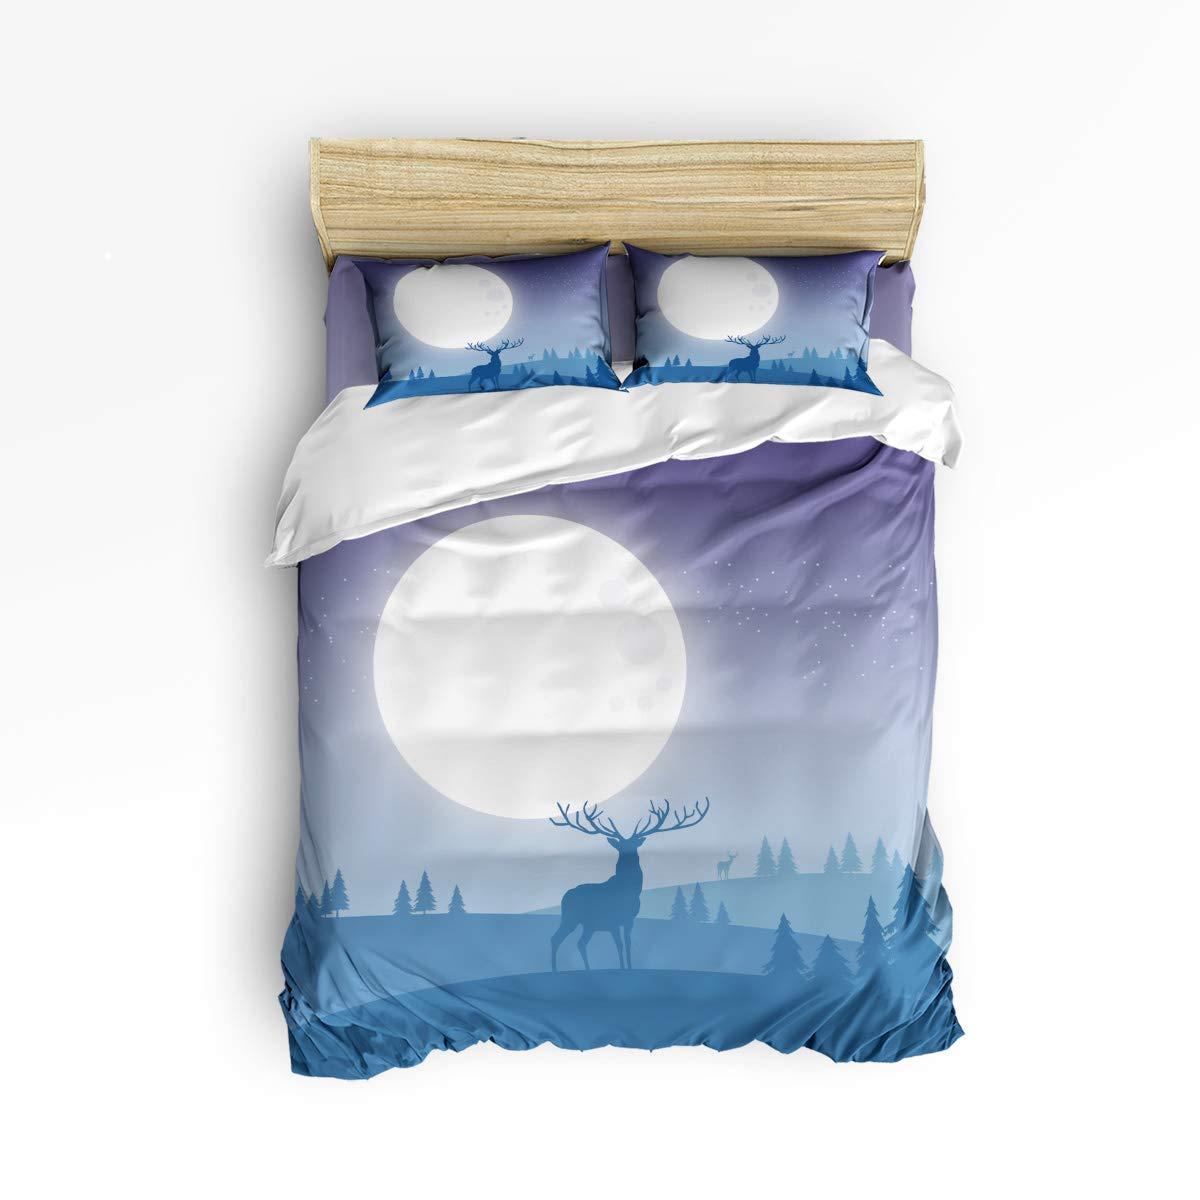 クイーンエリア寝具4点セット スーパーソフト 暖かい 高級 昼寝用ダウン生地 掛け布団カバーセット 夜空 ギャラクシー 山の景色 クイーン gml181122-queen-003SSTW01207SJTCQAA B07KS5S6LY Reindeer Silhouetteqaa5385 クイーン